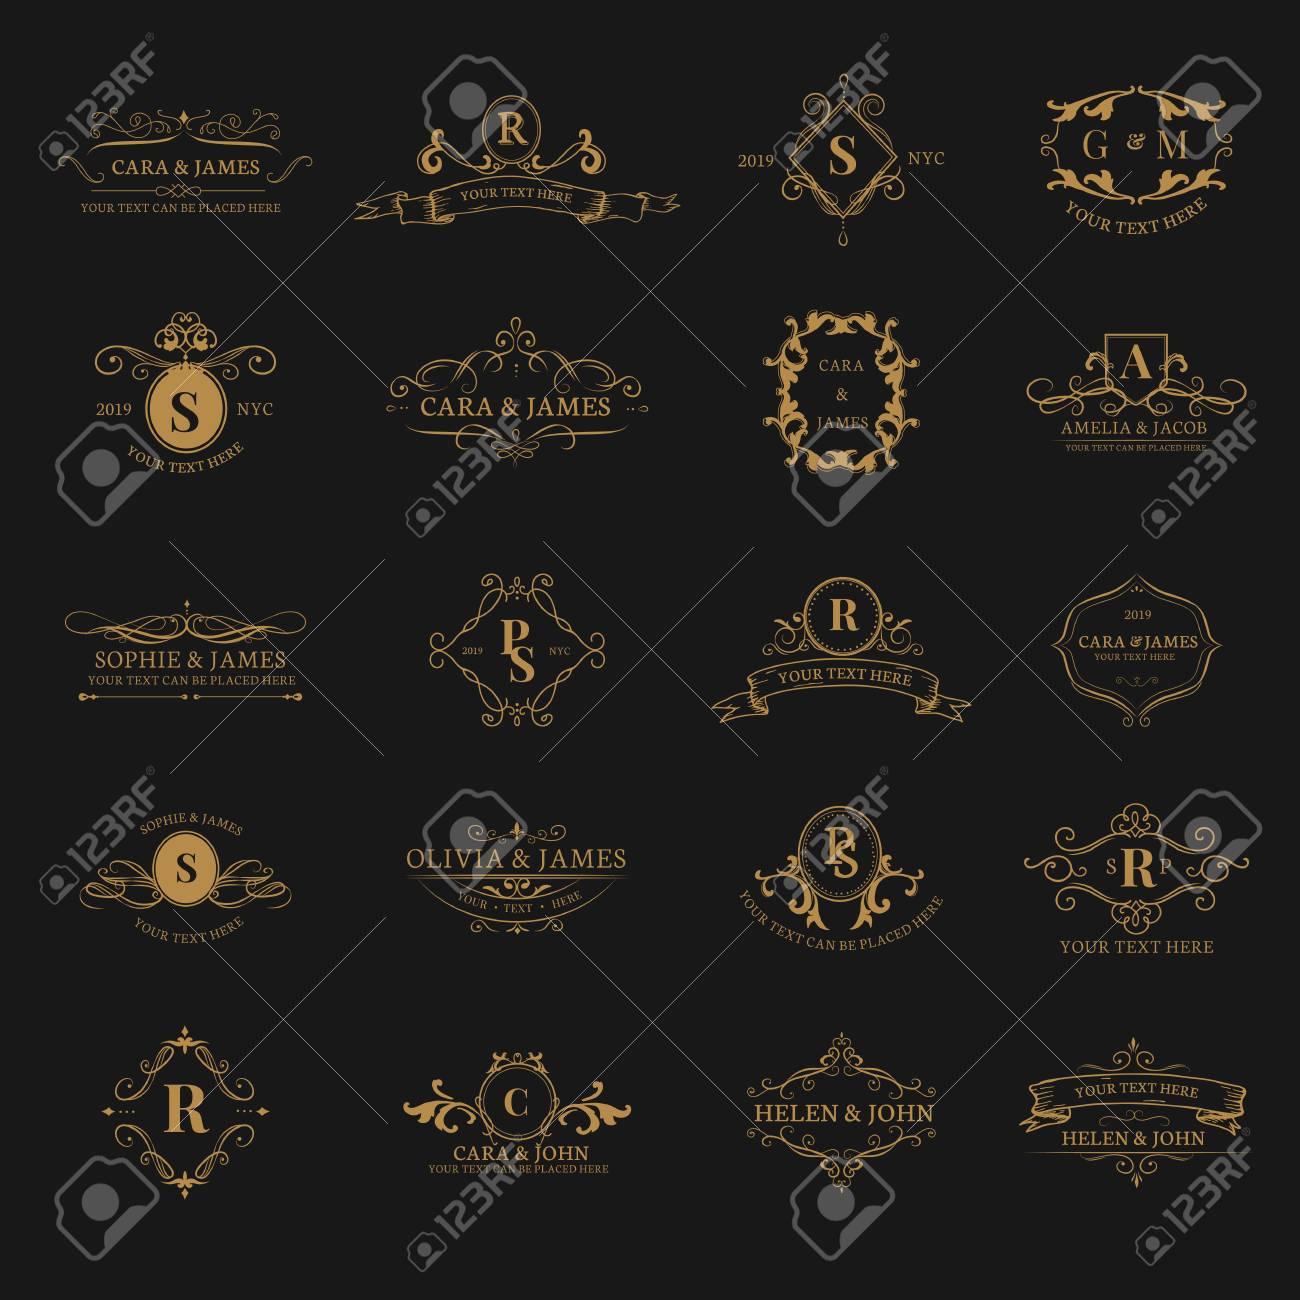 Vintage baroque badge design set - 117605004